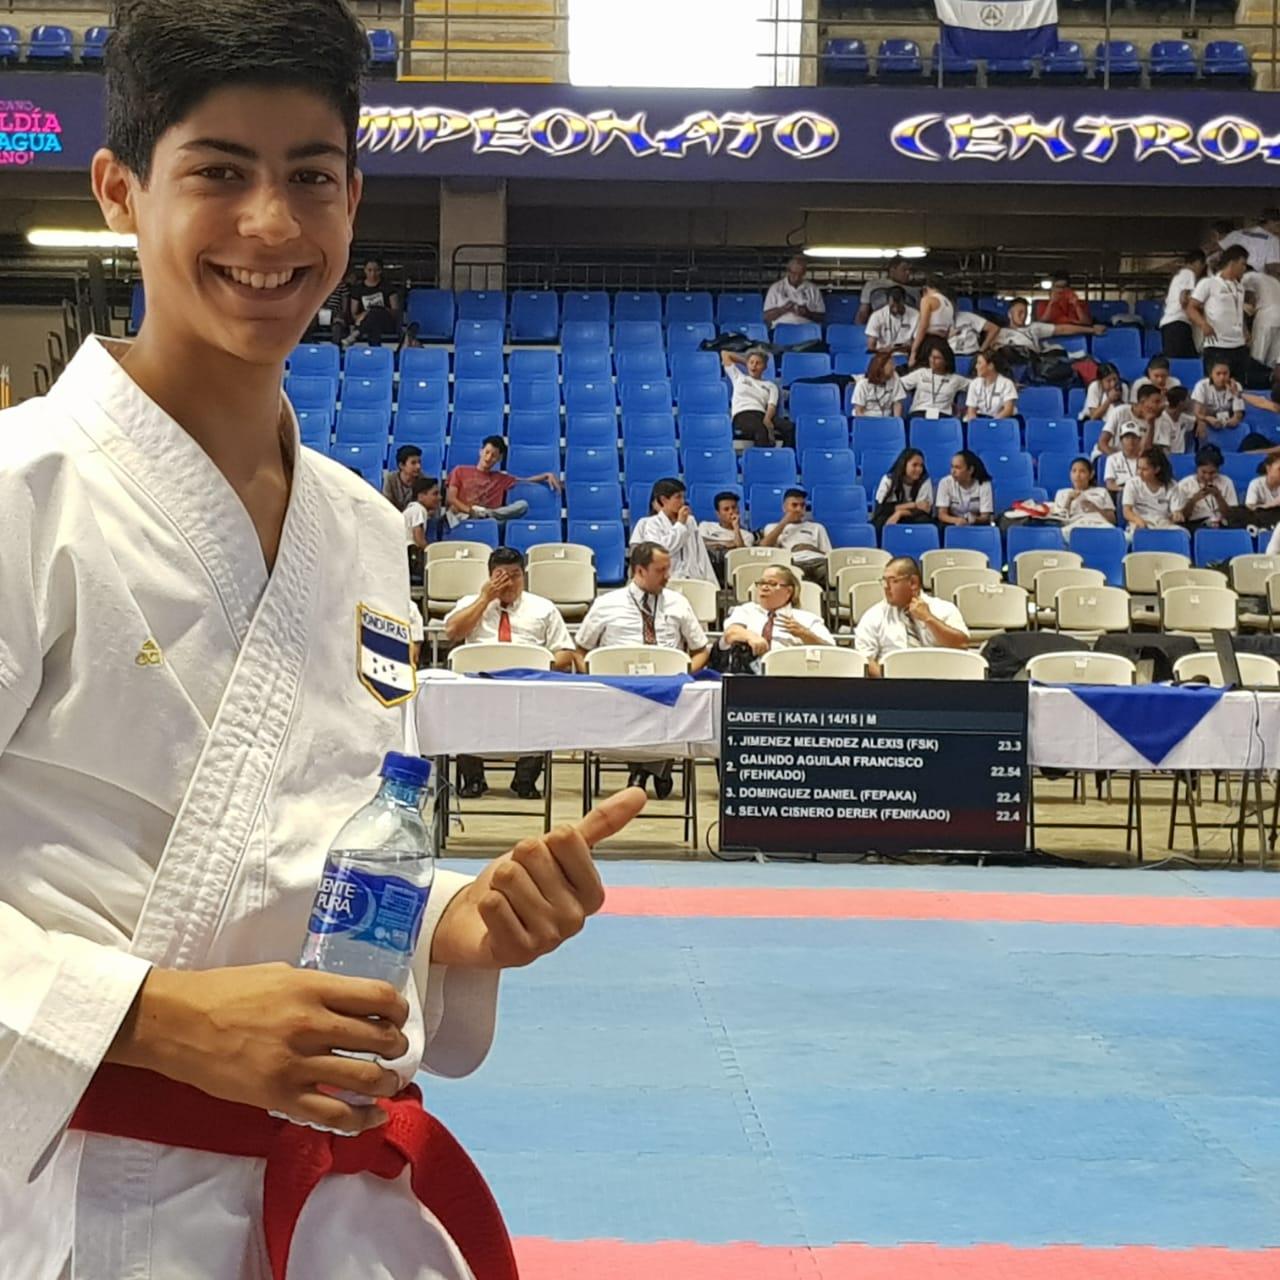 Francisco Galindo: Mi mayor aspiración es ser un atleta reconocido a nivel mundial